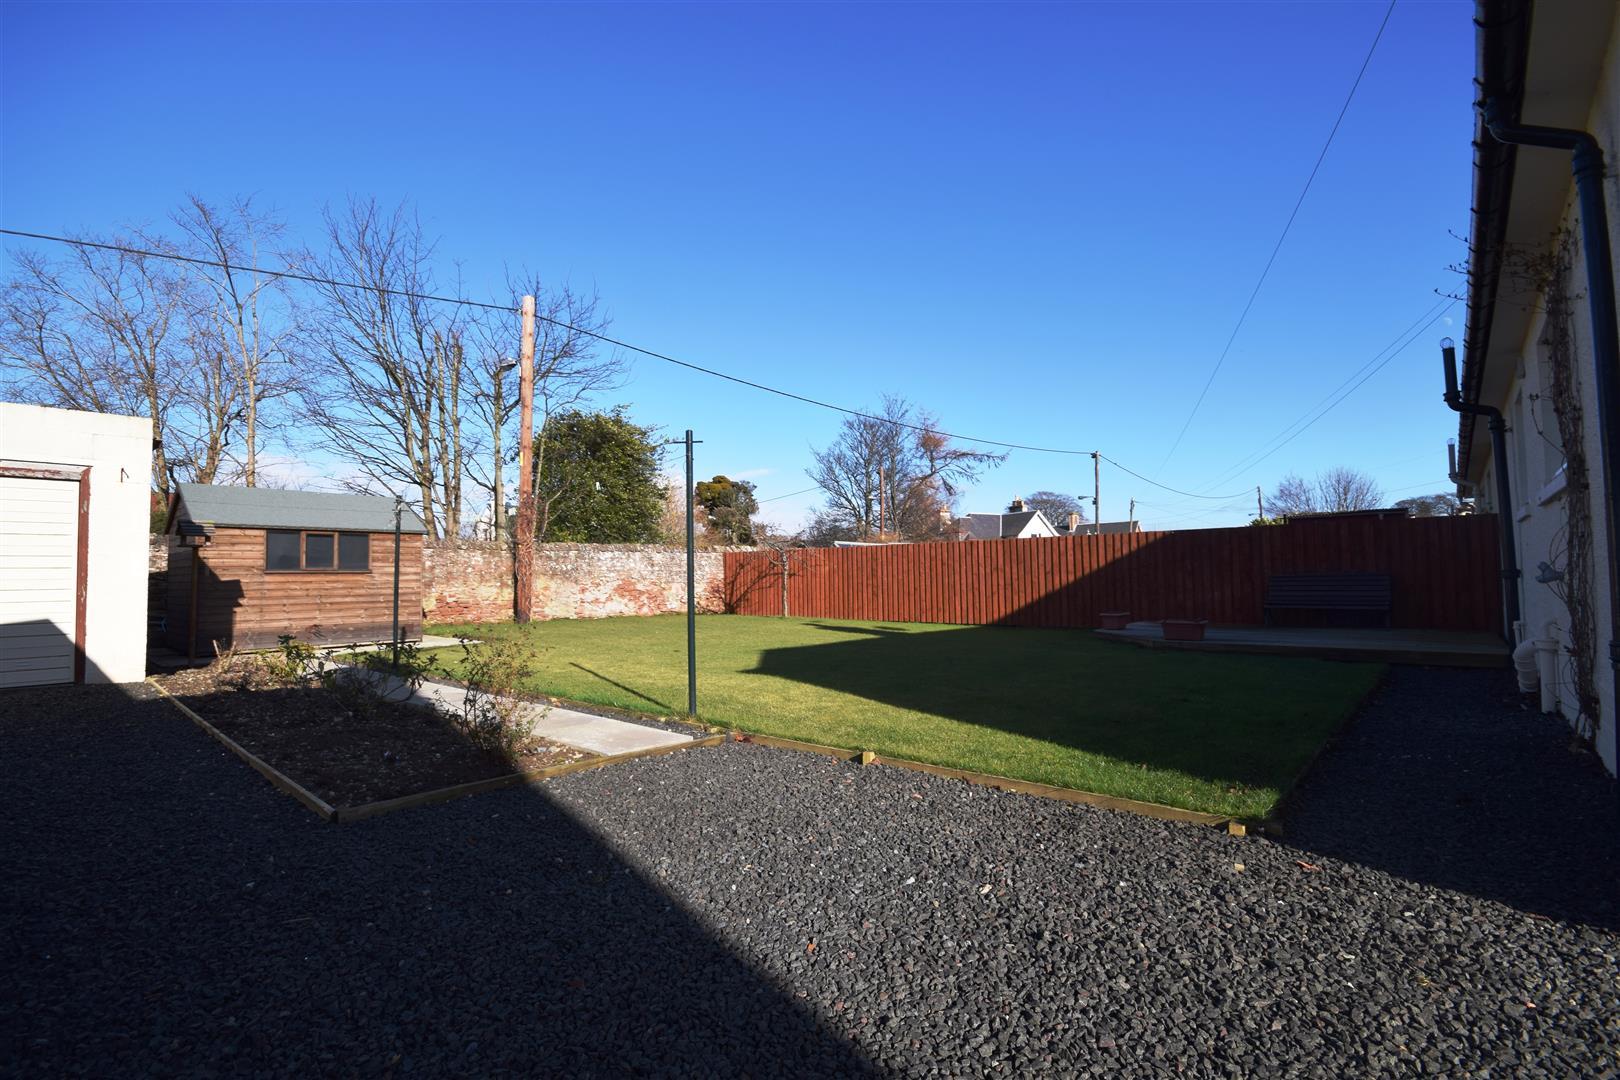 5, Pitfour, Glencarse, Perthshire, PH2 7NG, UK